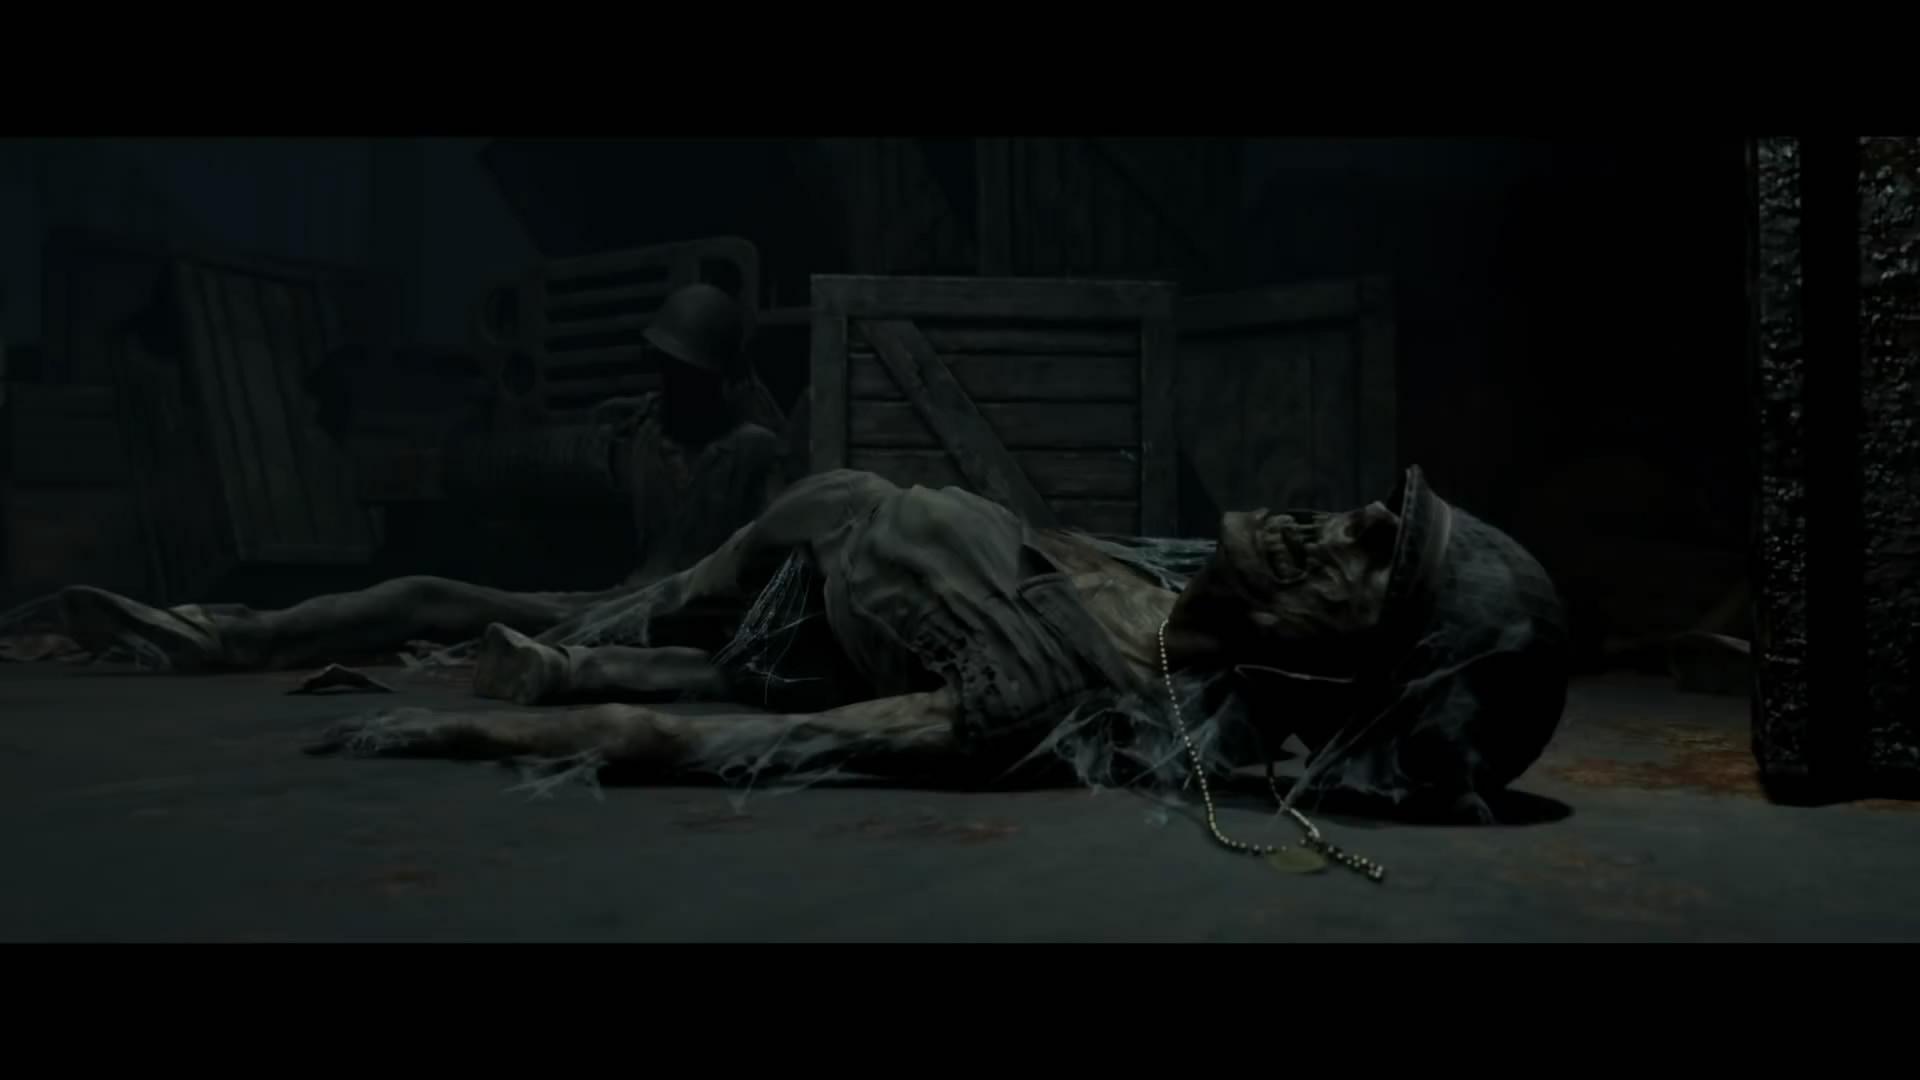 恐怖游戏《棉兰之人》万圣节预告-迷你酷-MINICOLL